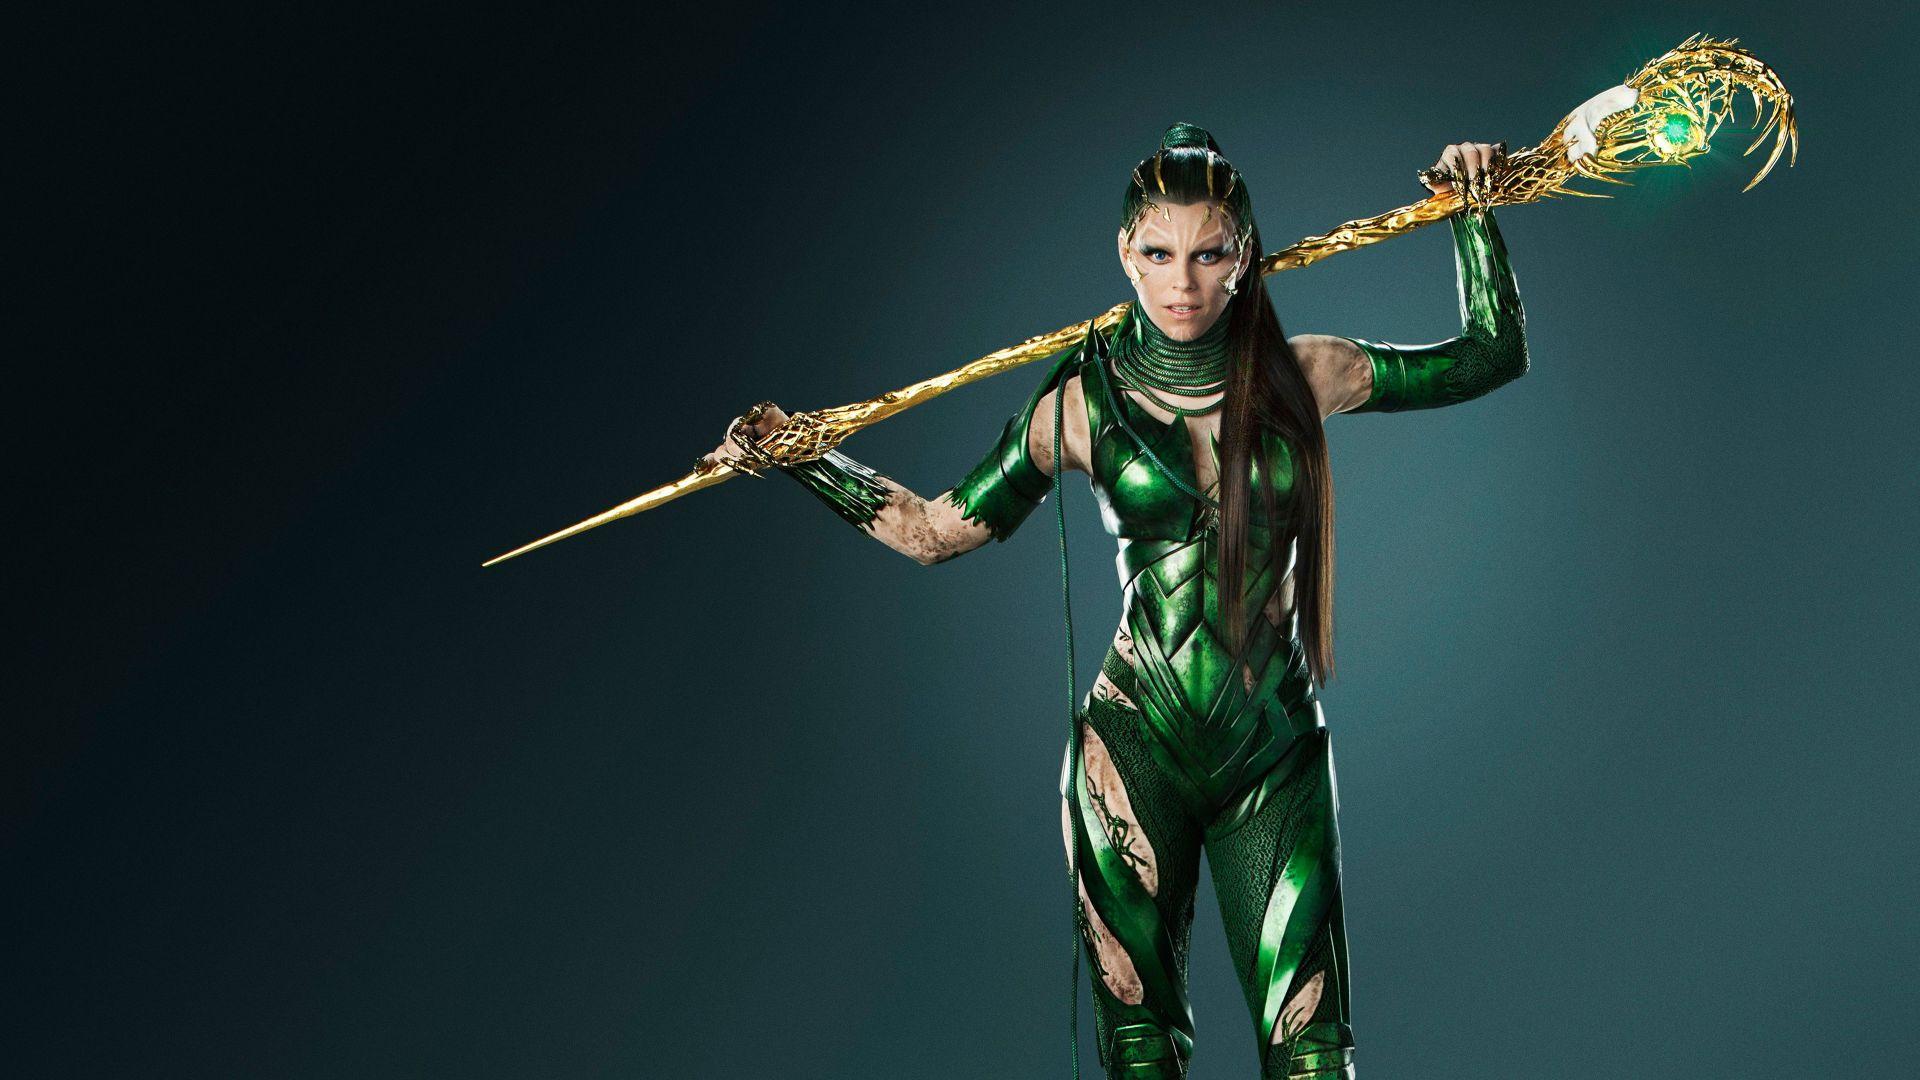 wallpaper power rangers, elizabeth banks, rita repulsa, superhero